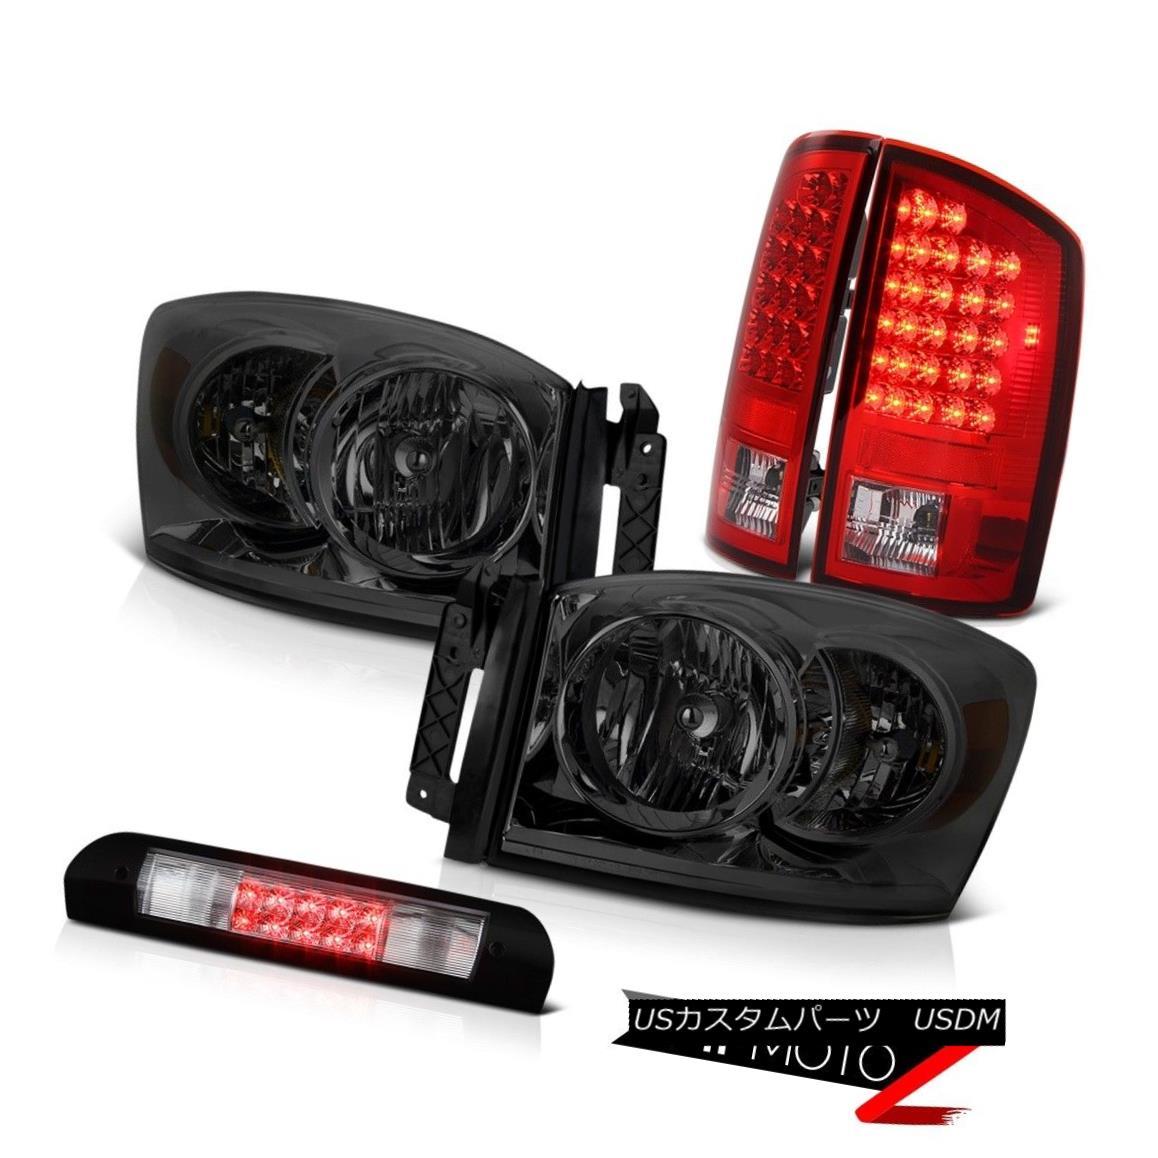 ヘッドライト 2006 Dodge Ram SLT Diamond Cut Headlights Bright Taillamps High Brake Cargo LED 2006ダッジ・ラムSLTダイヤモンド・カット・ヘッドライトブライト・タイルランプハイブレーキ・カーゴLED